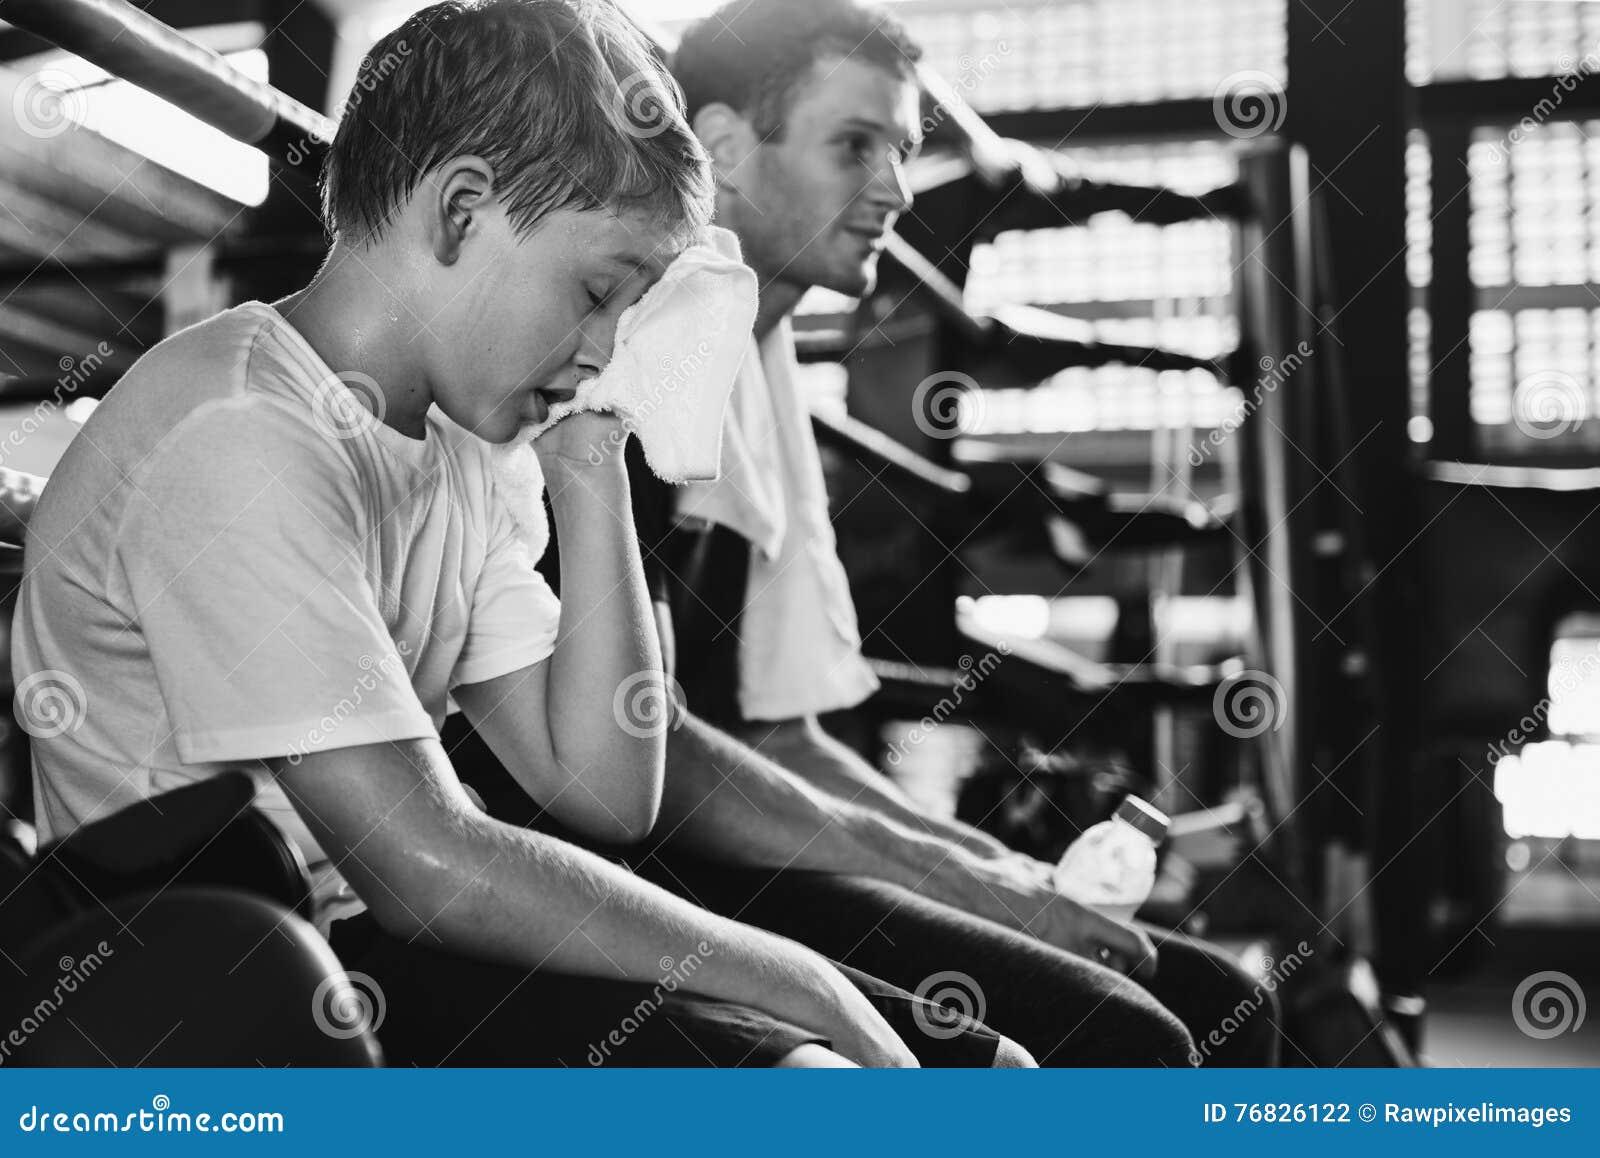 Trenowanie trenera ćwiczenia atlety treningu Sporty pojęcie